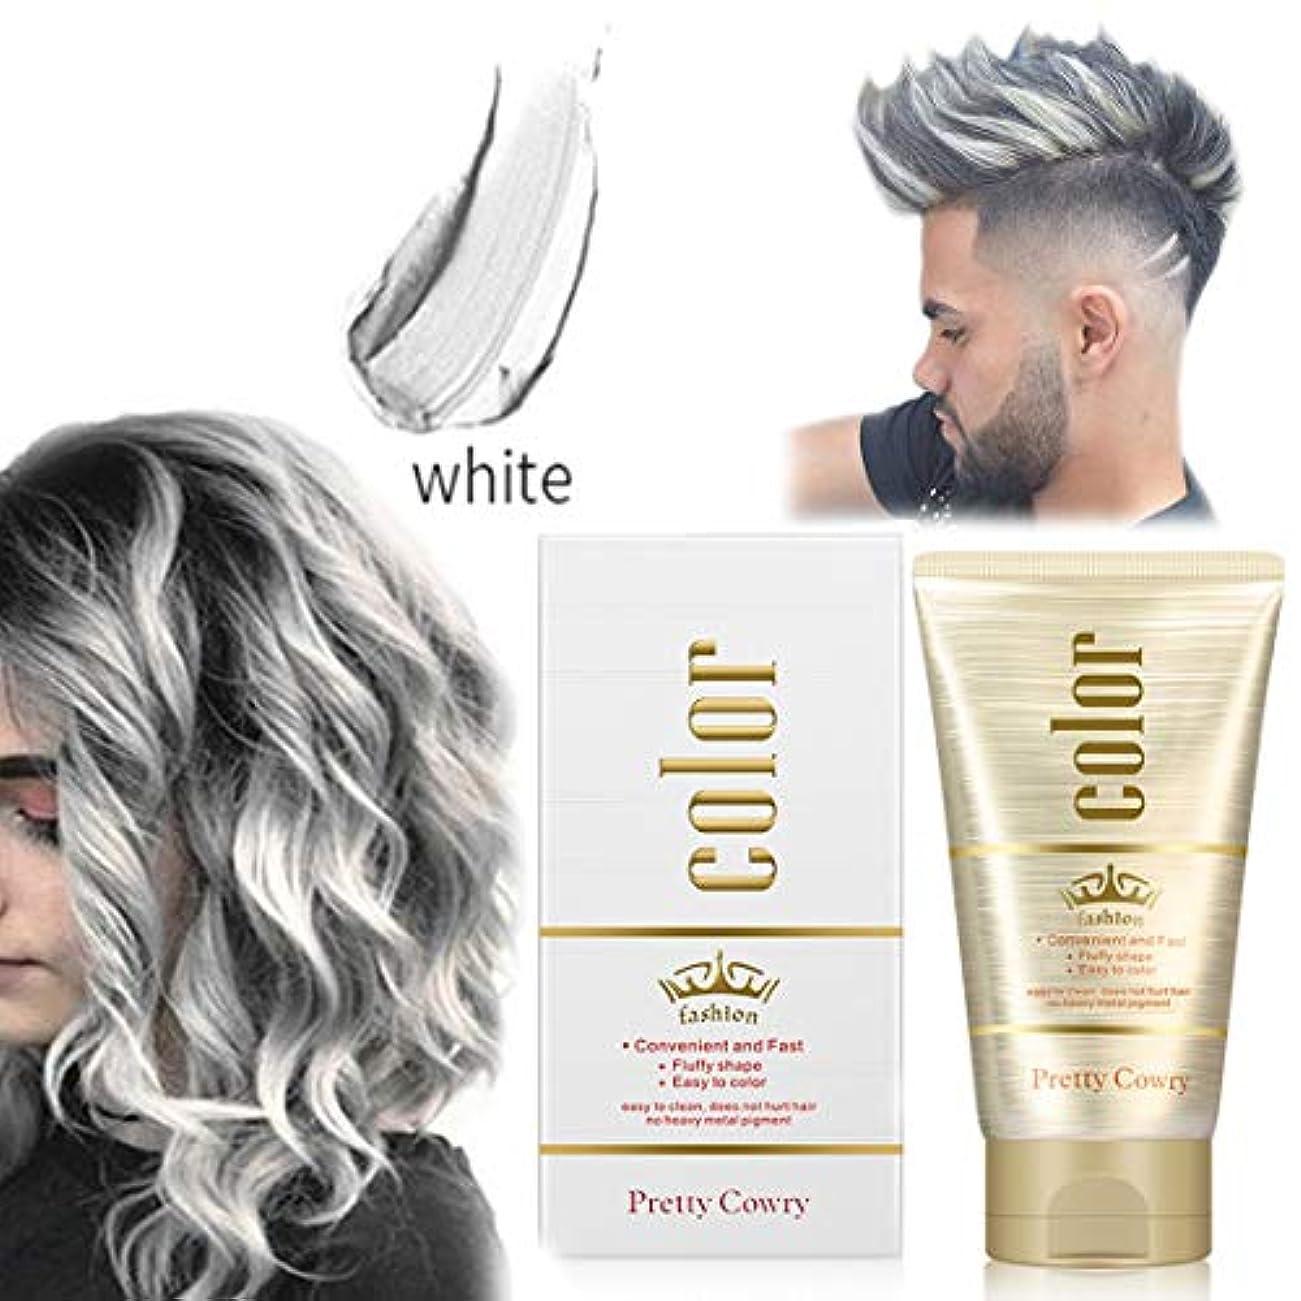 アシュリータファーマンなかなかへこみ染めヘアワックス、ワンタイムカラースタイリング、スタイリングカラーヘアワックス、ユニセックス9色、diyヘアカラーヘアパーティー、ロールプレイング (White)